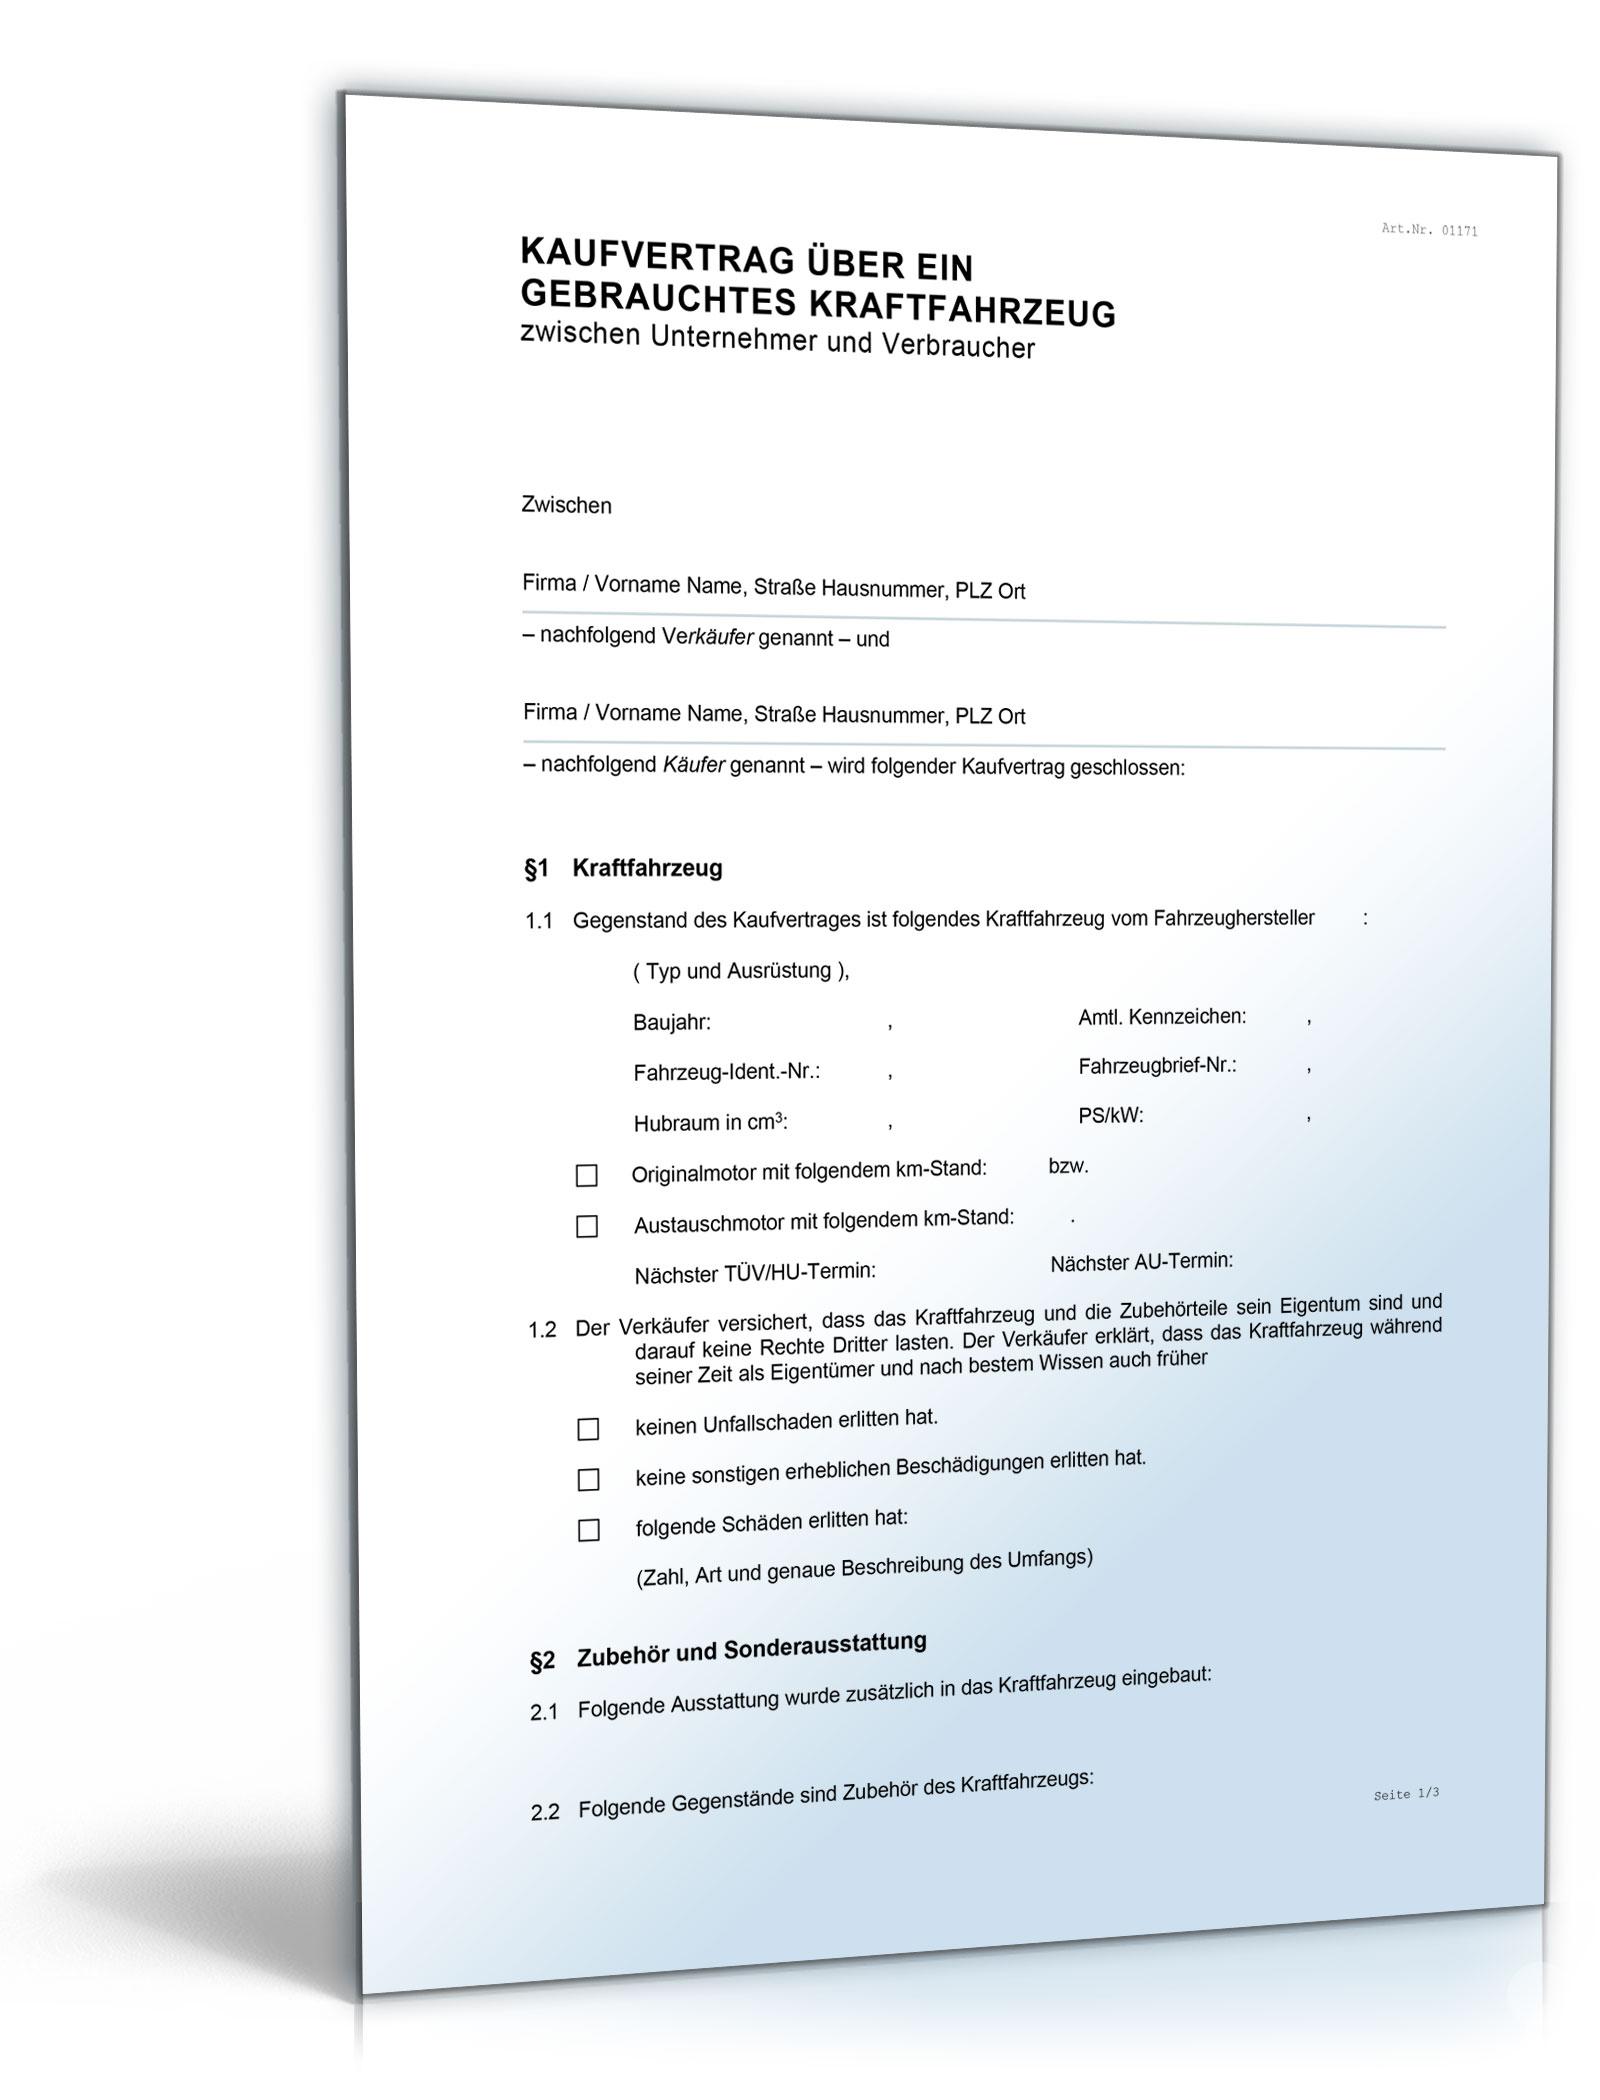 kfz kaufvertrag gewerblicher verkauf - Pkw Kaufvertrag Muster